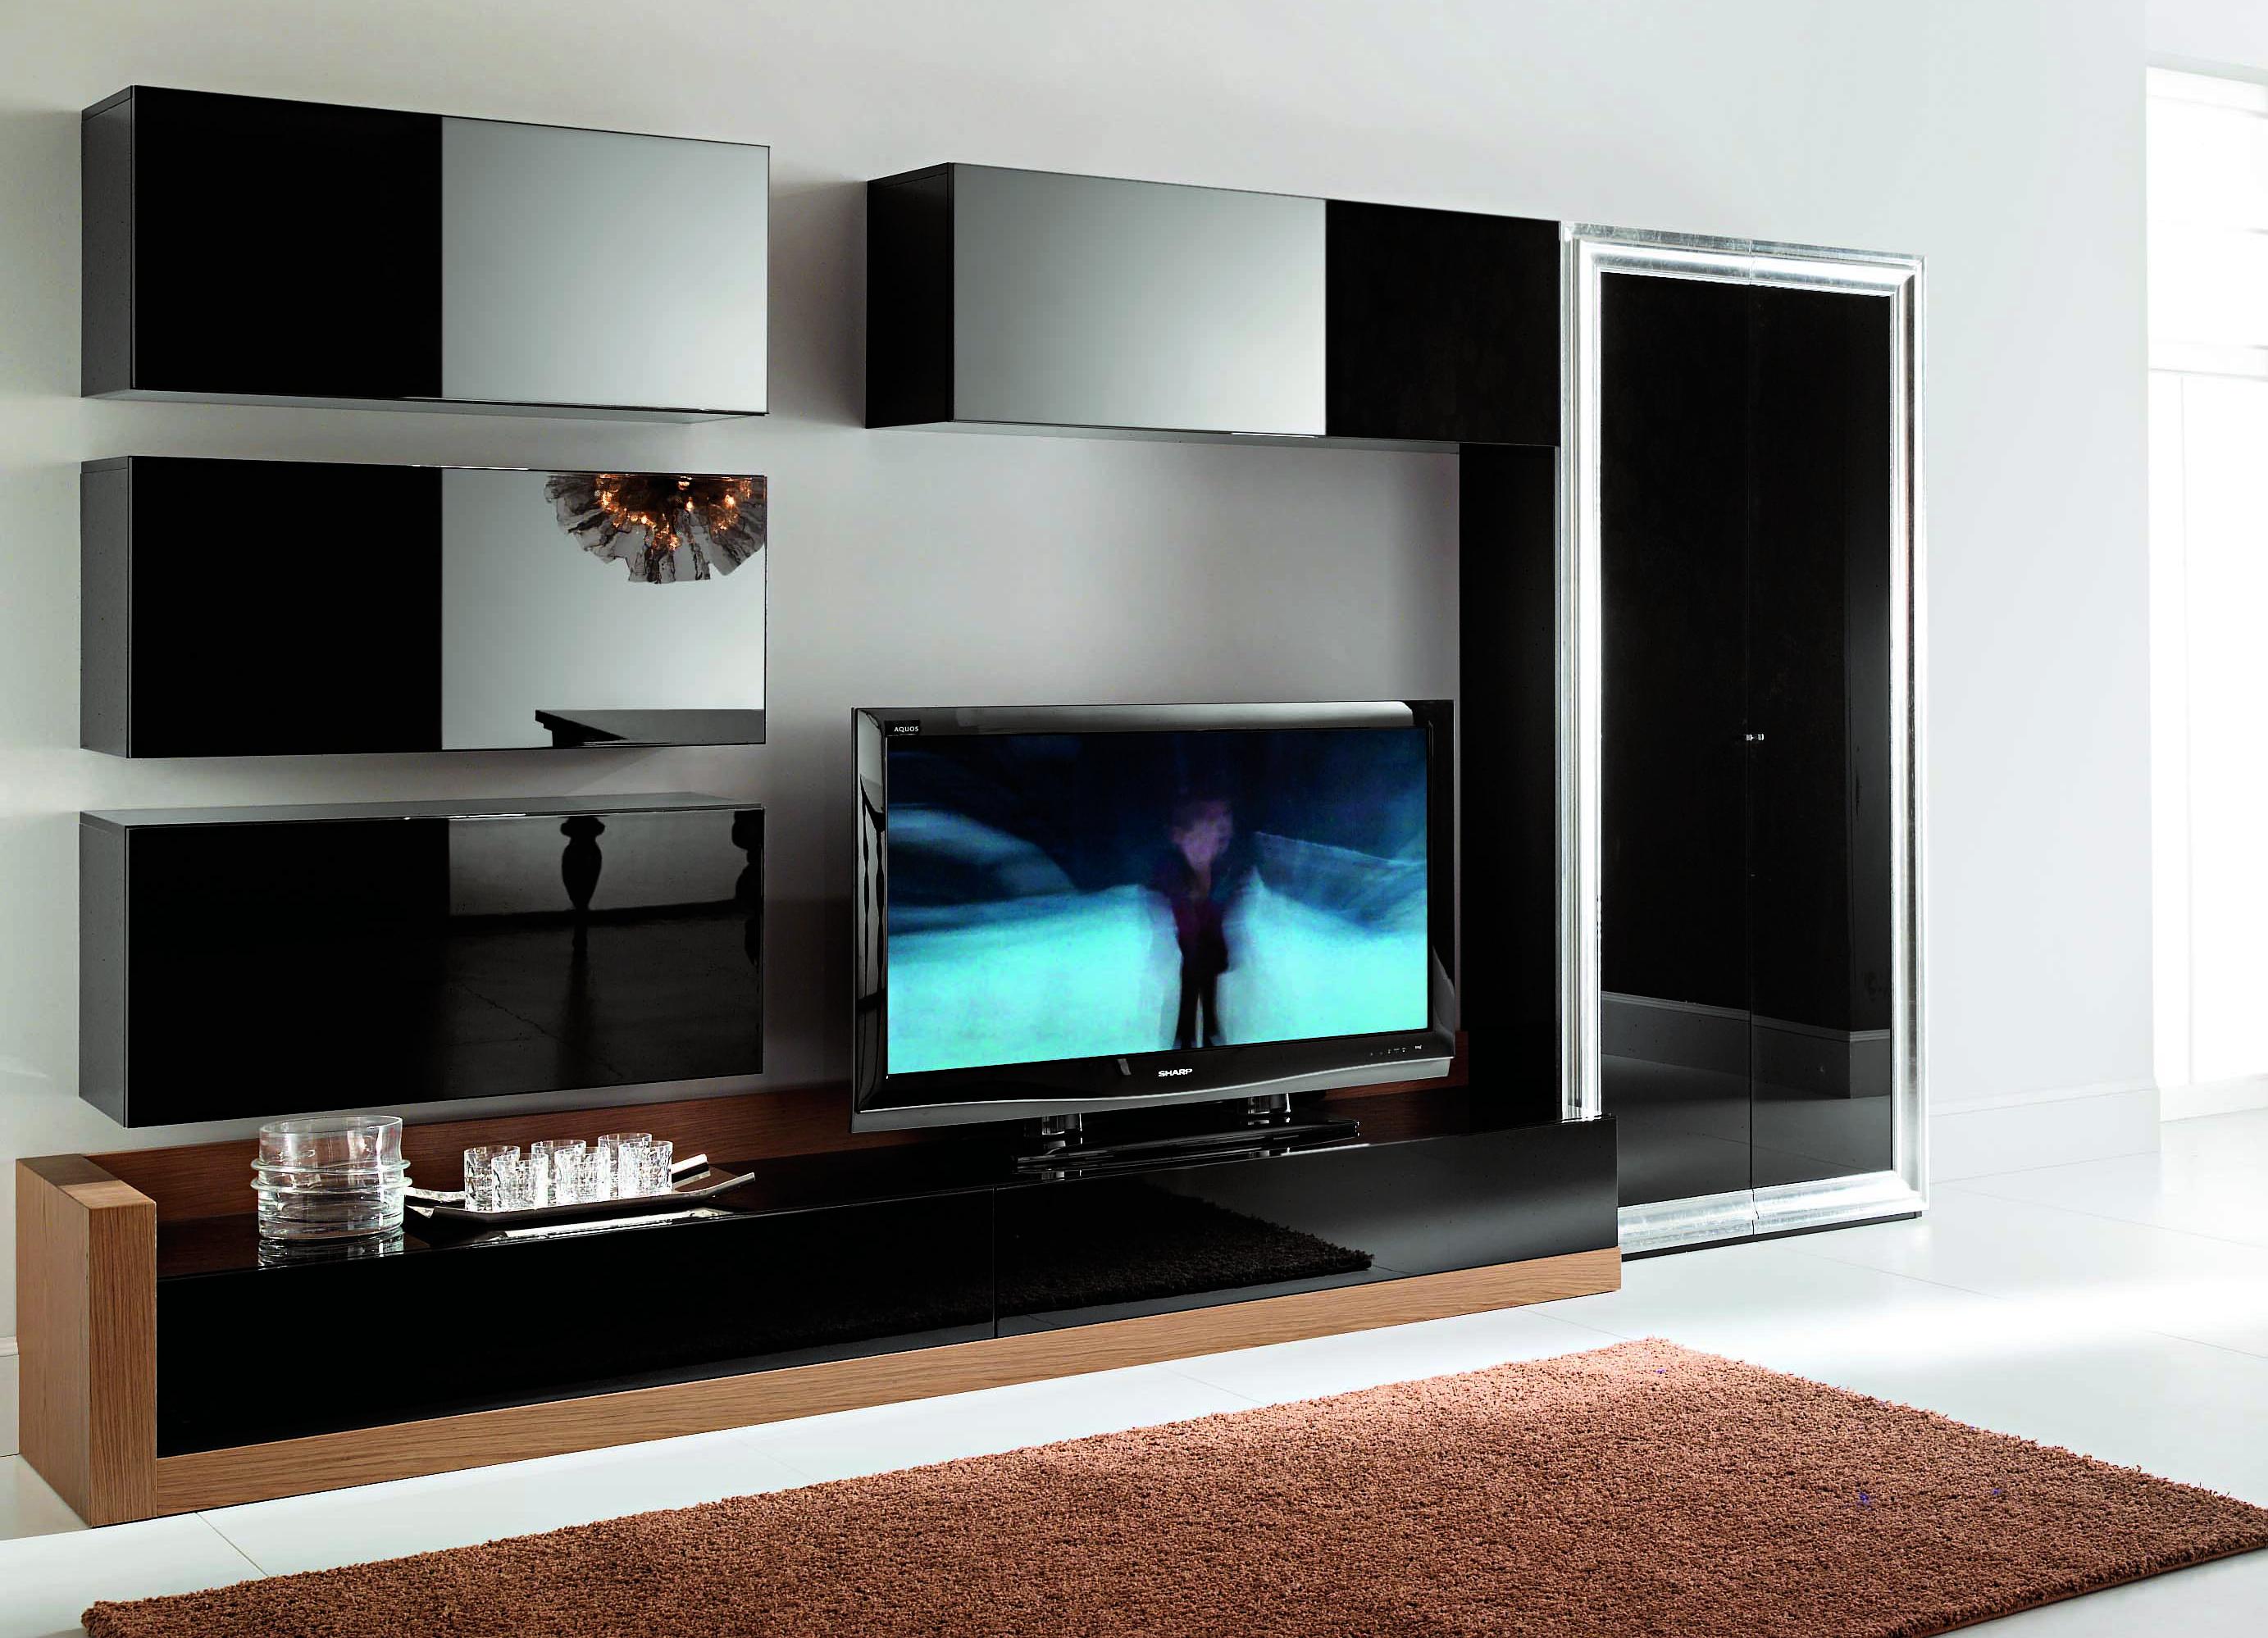 Телевизор с плавной картинкой наутиз